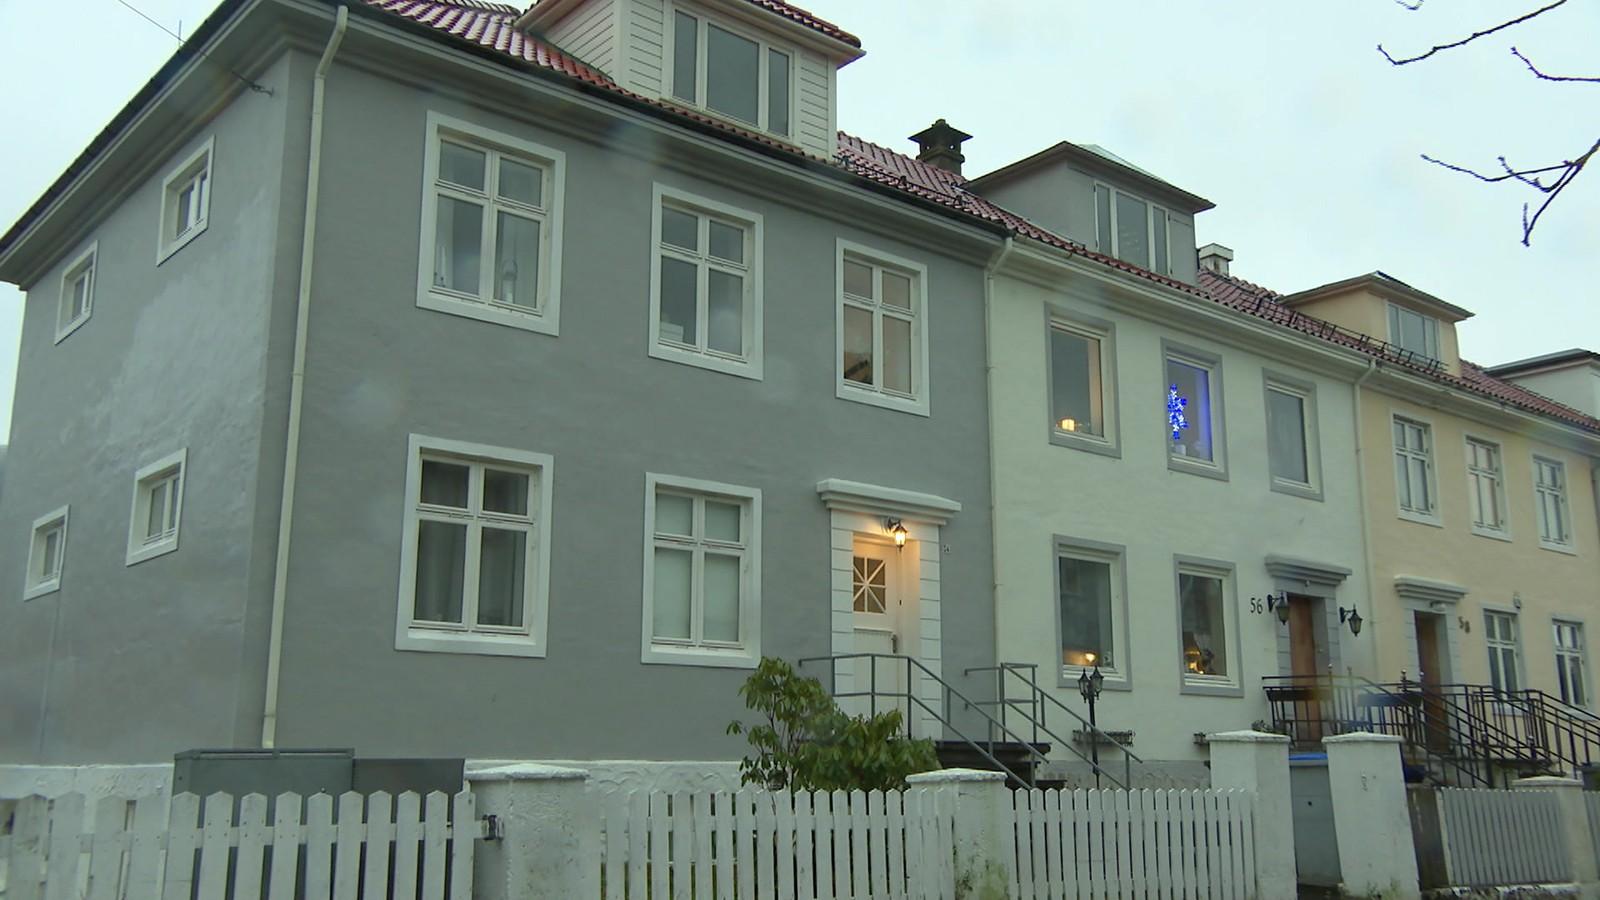 Fargeløse hus.